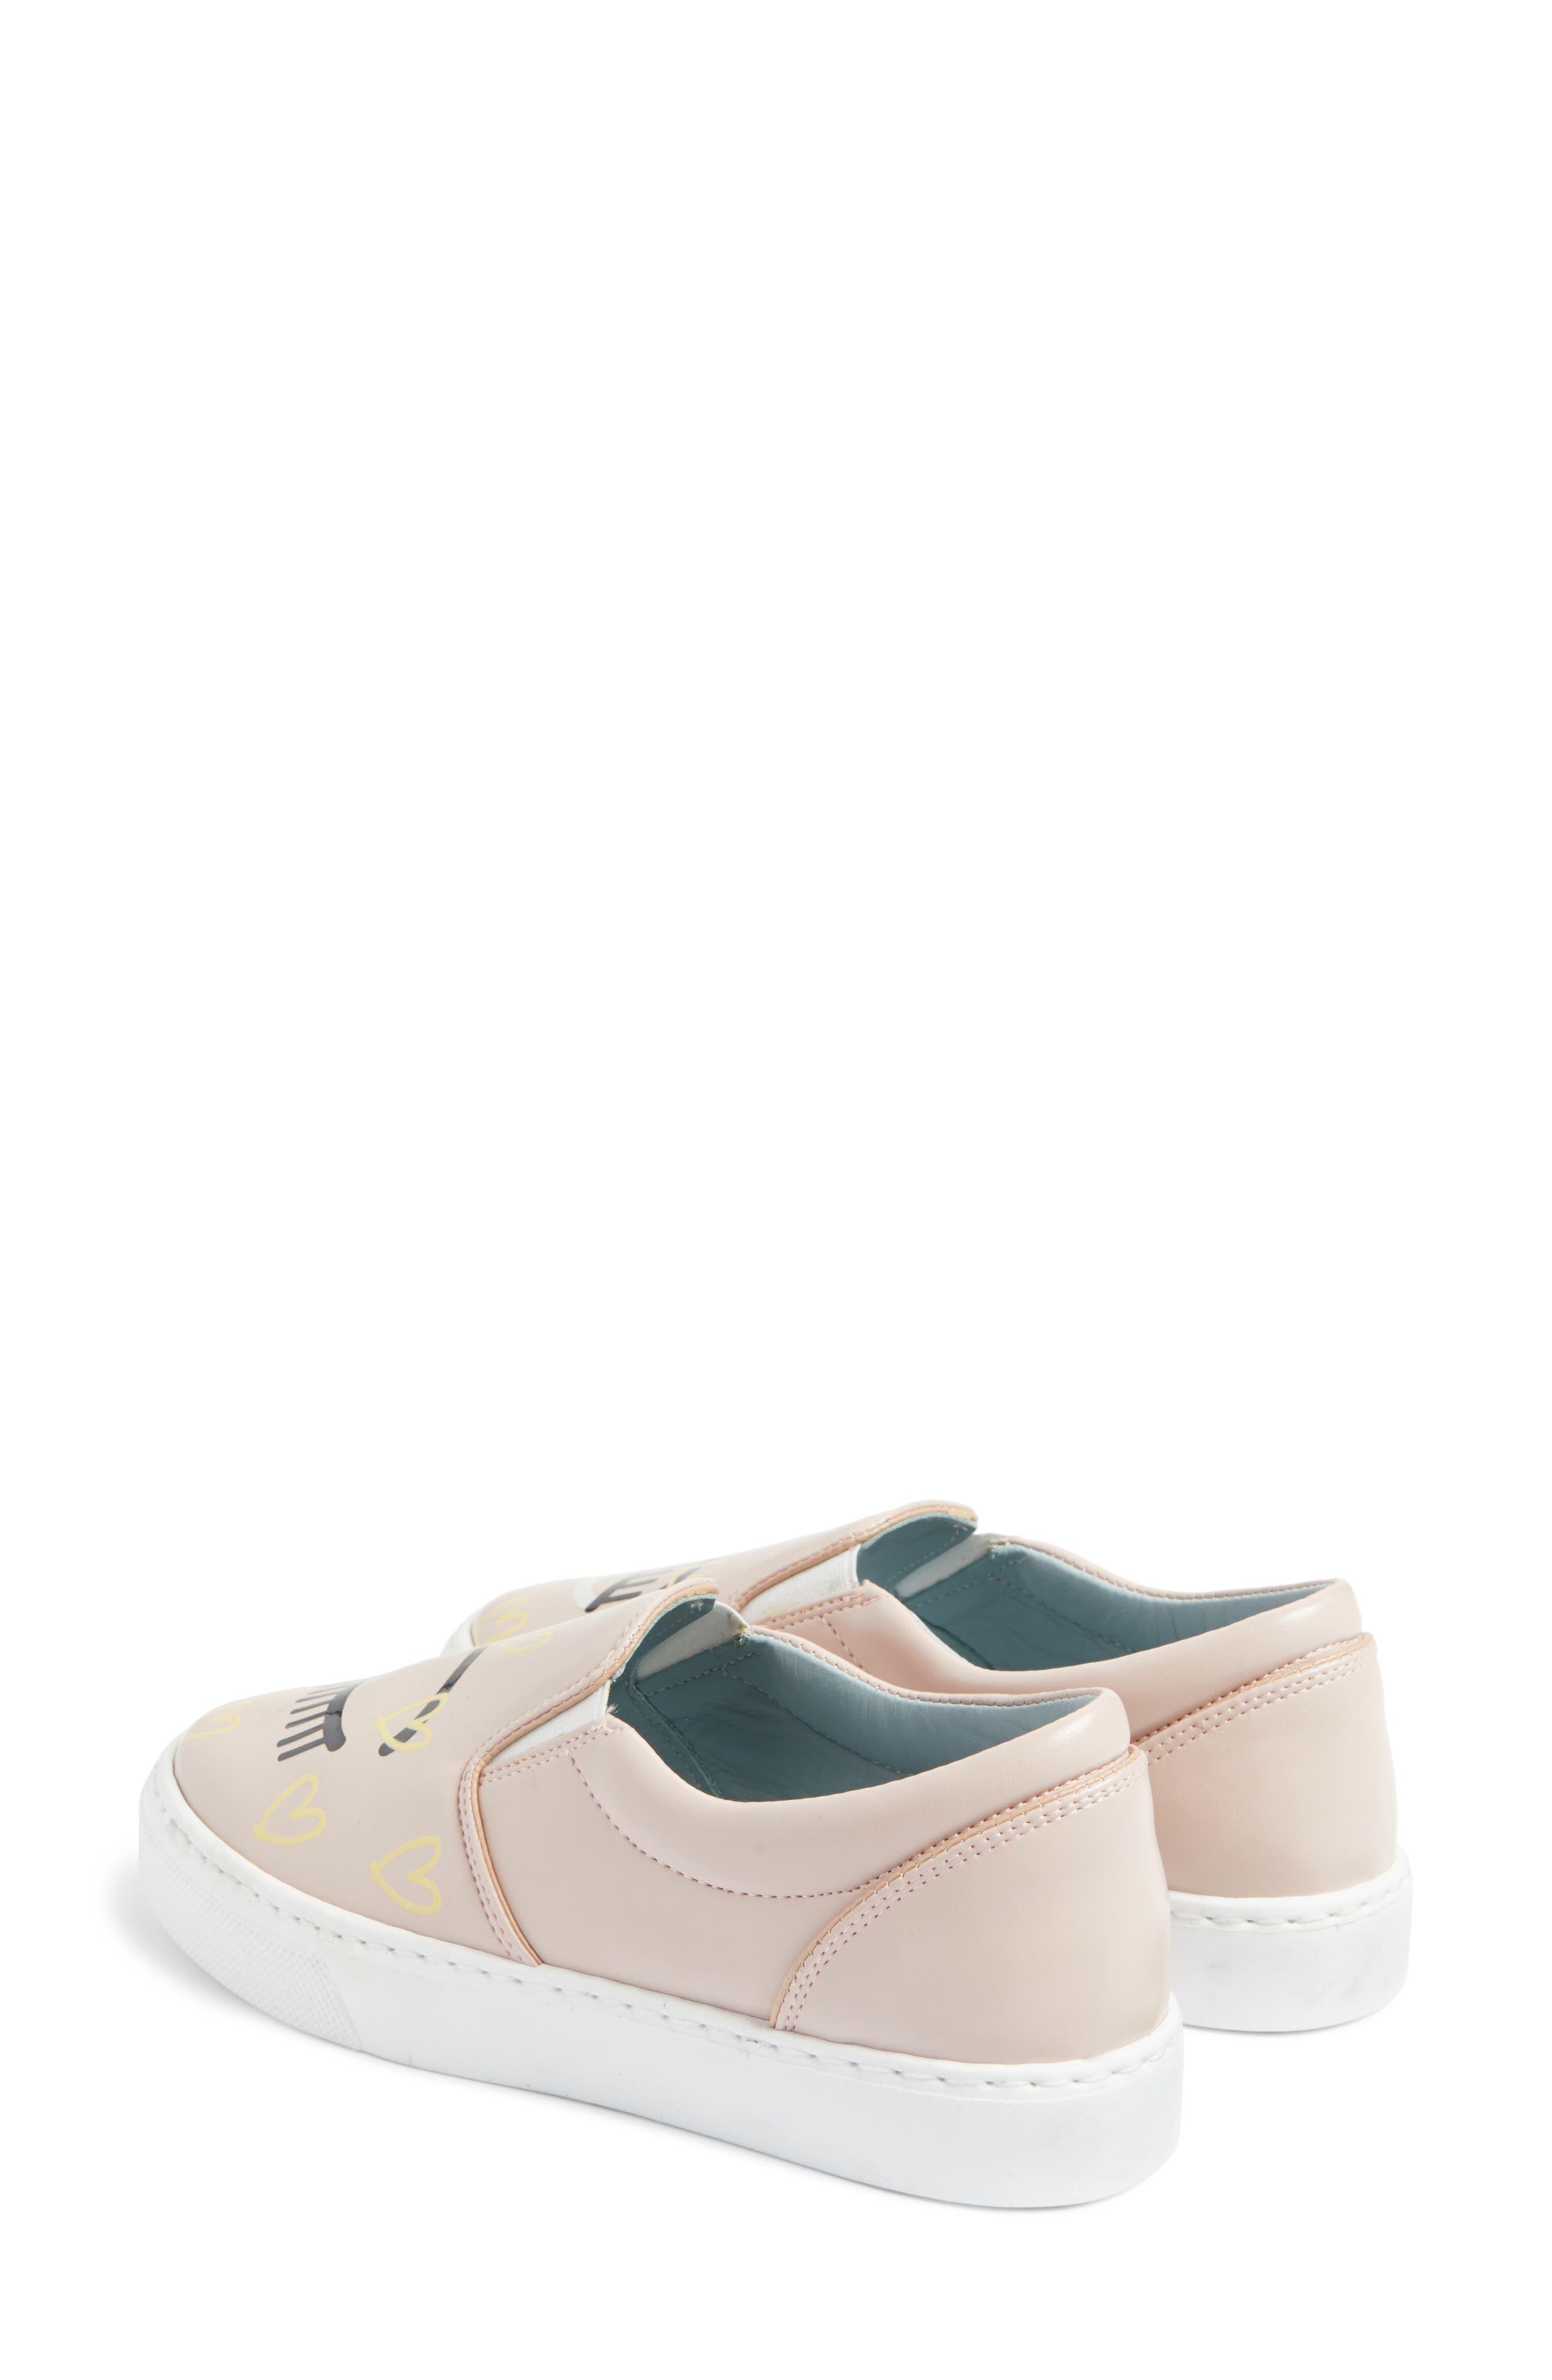 Candy Flirting Slip-On Sneaker,                             Alternate thumbnail 3, color,                             Pink